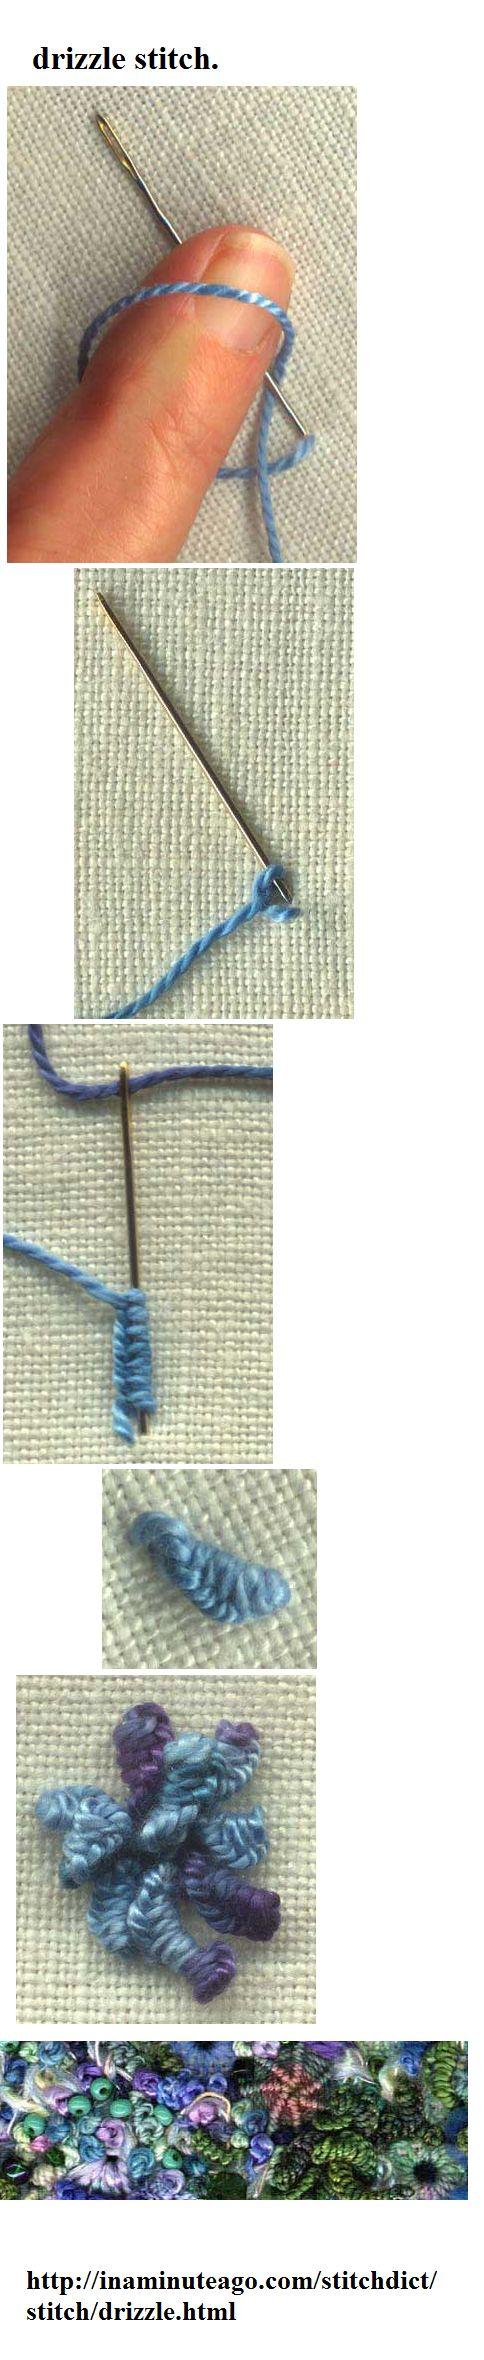 http://inaminuteago.com/stitchdict/stitch/drizzle.html